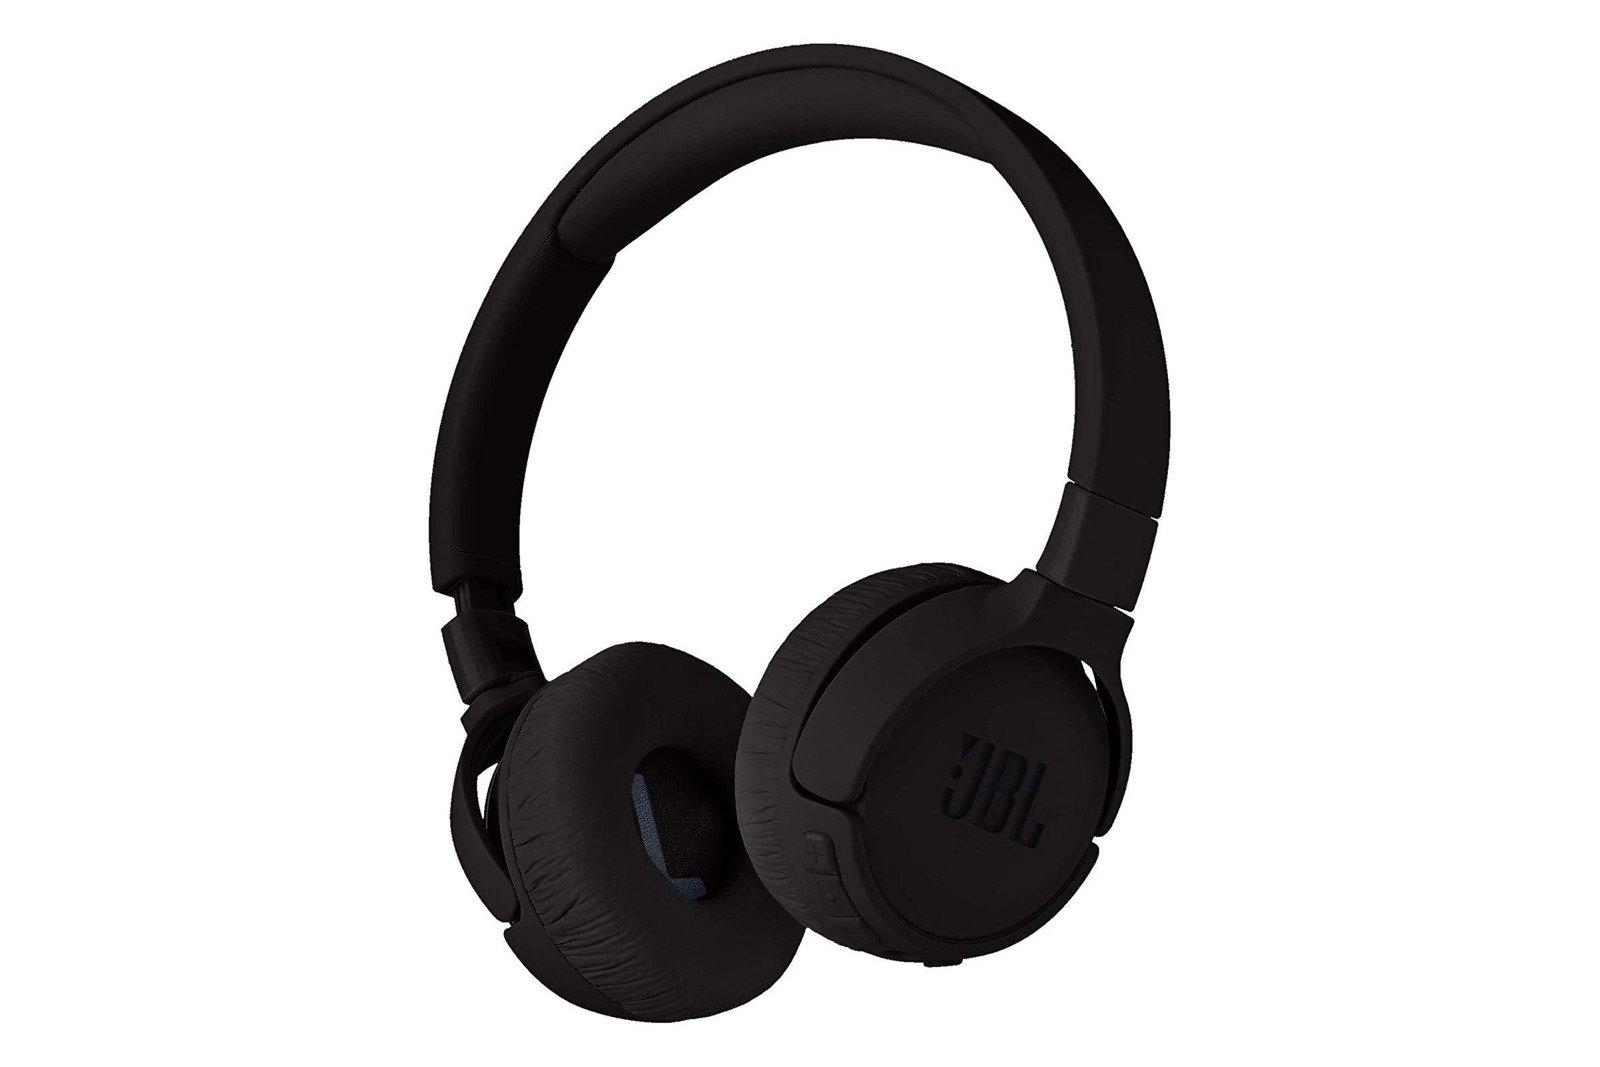 Neu OVP Kabellose Over-Ear Kopfhörer JBL 600BTNC TUNE600BTNC Schwarz Black